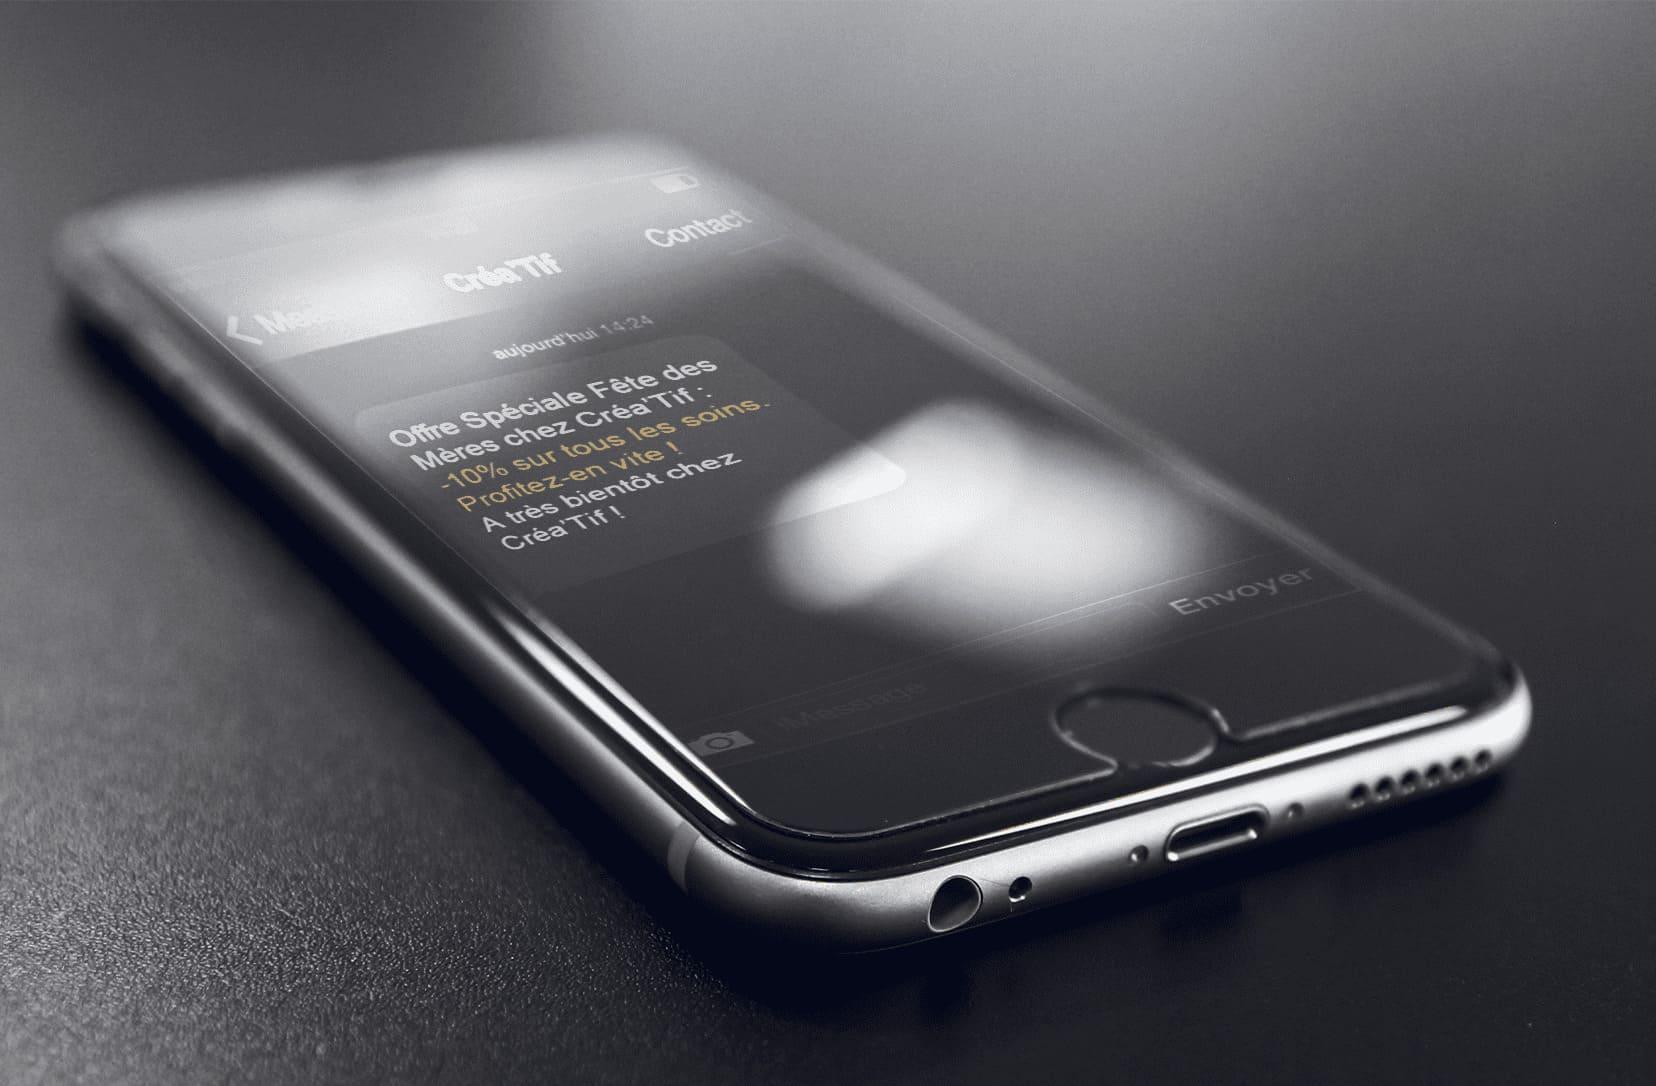 outils pour rentabiliser votre salon esthetique campagnes sms